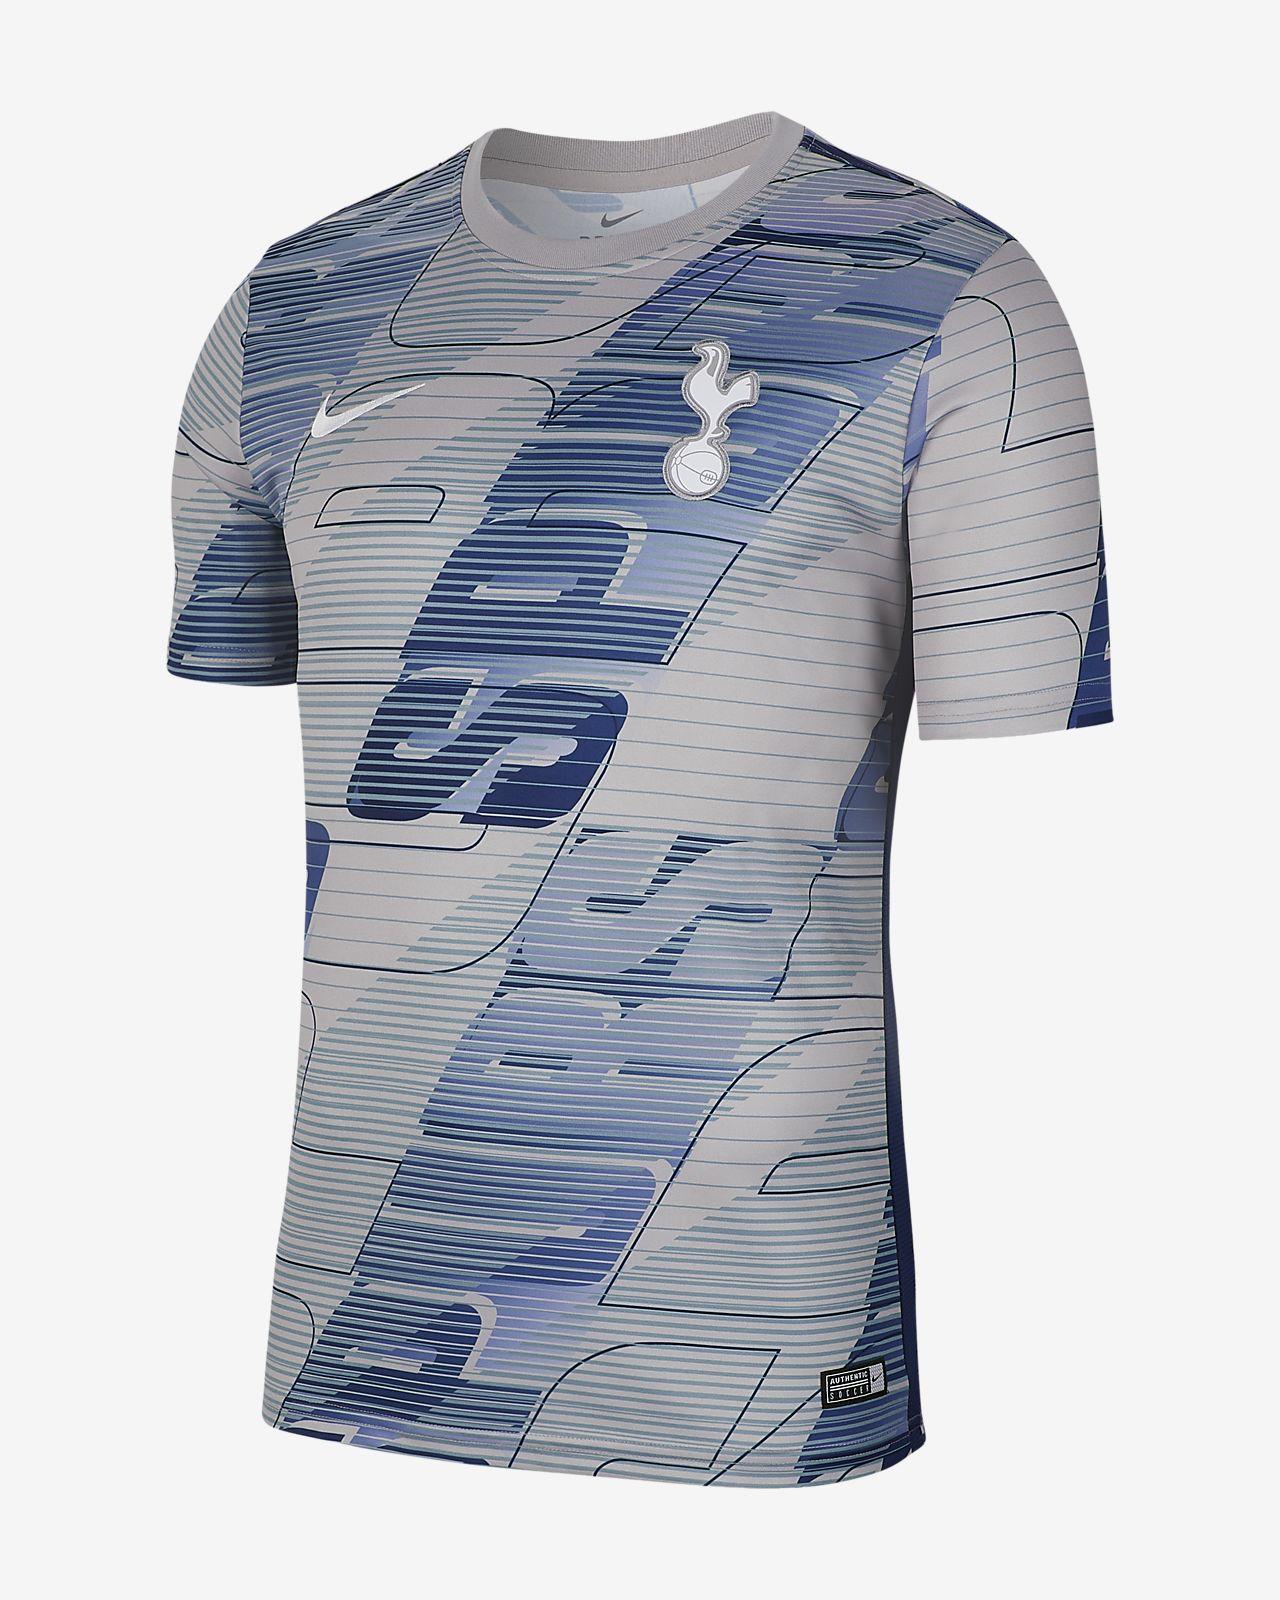 Prenda para la parte superior de fútbol de manga corta para hombre Tottenham Hotspur